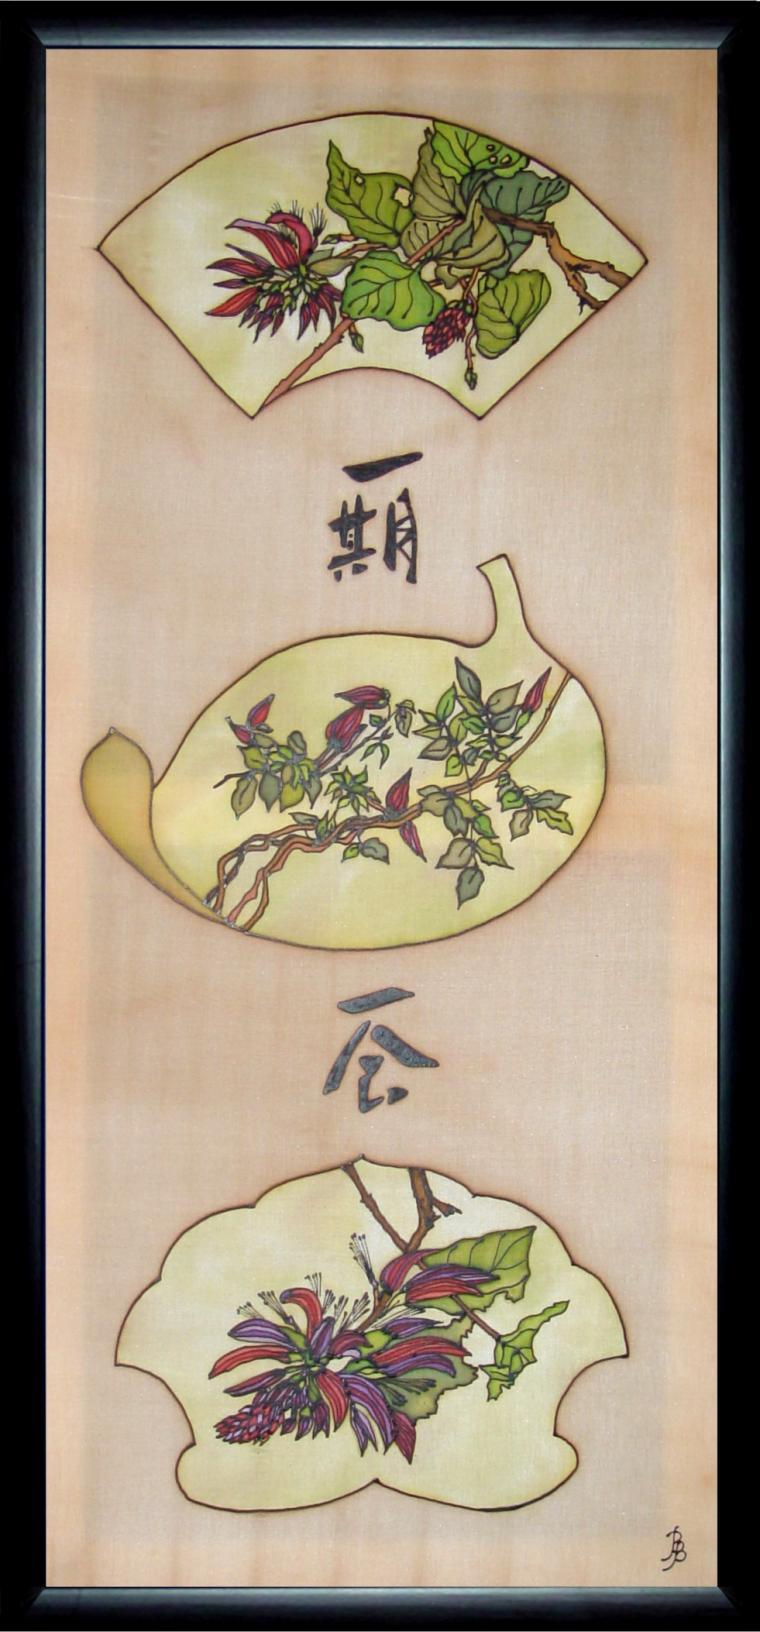 батик, японская роспись